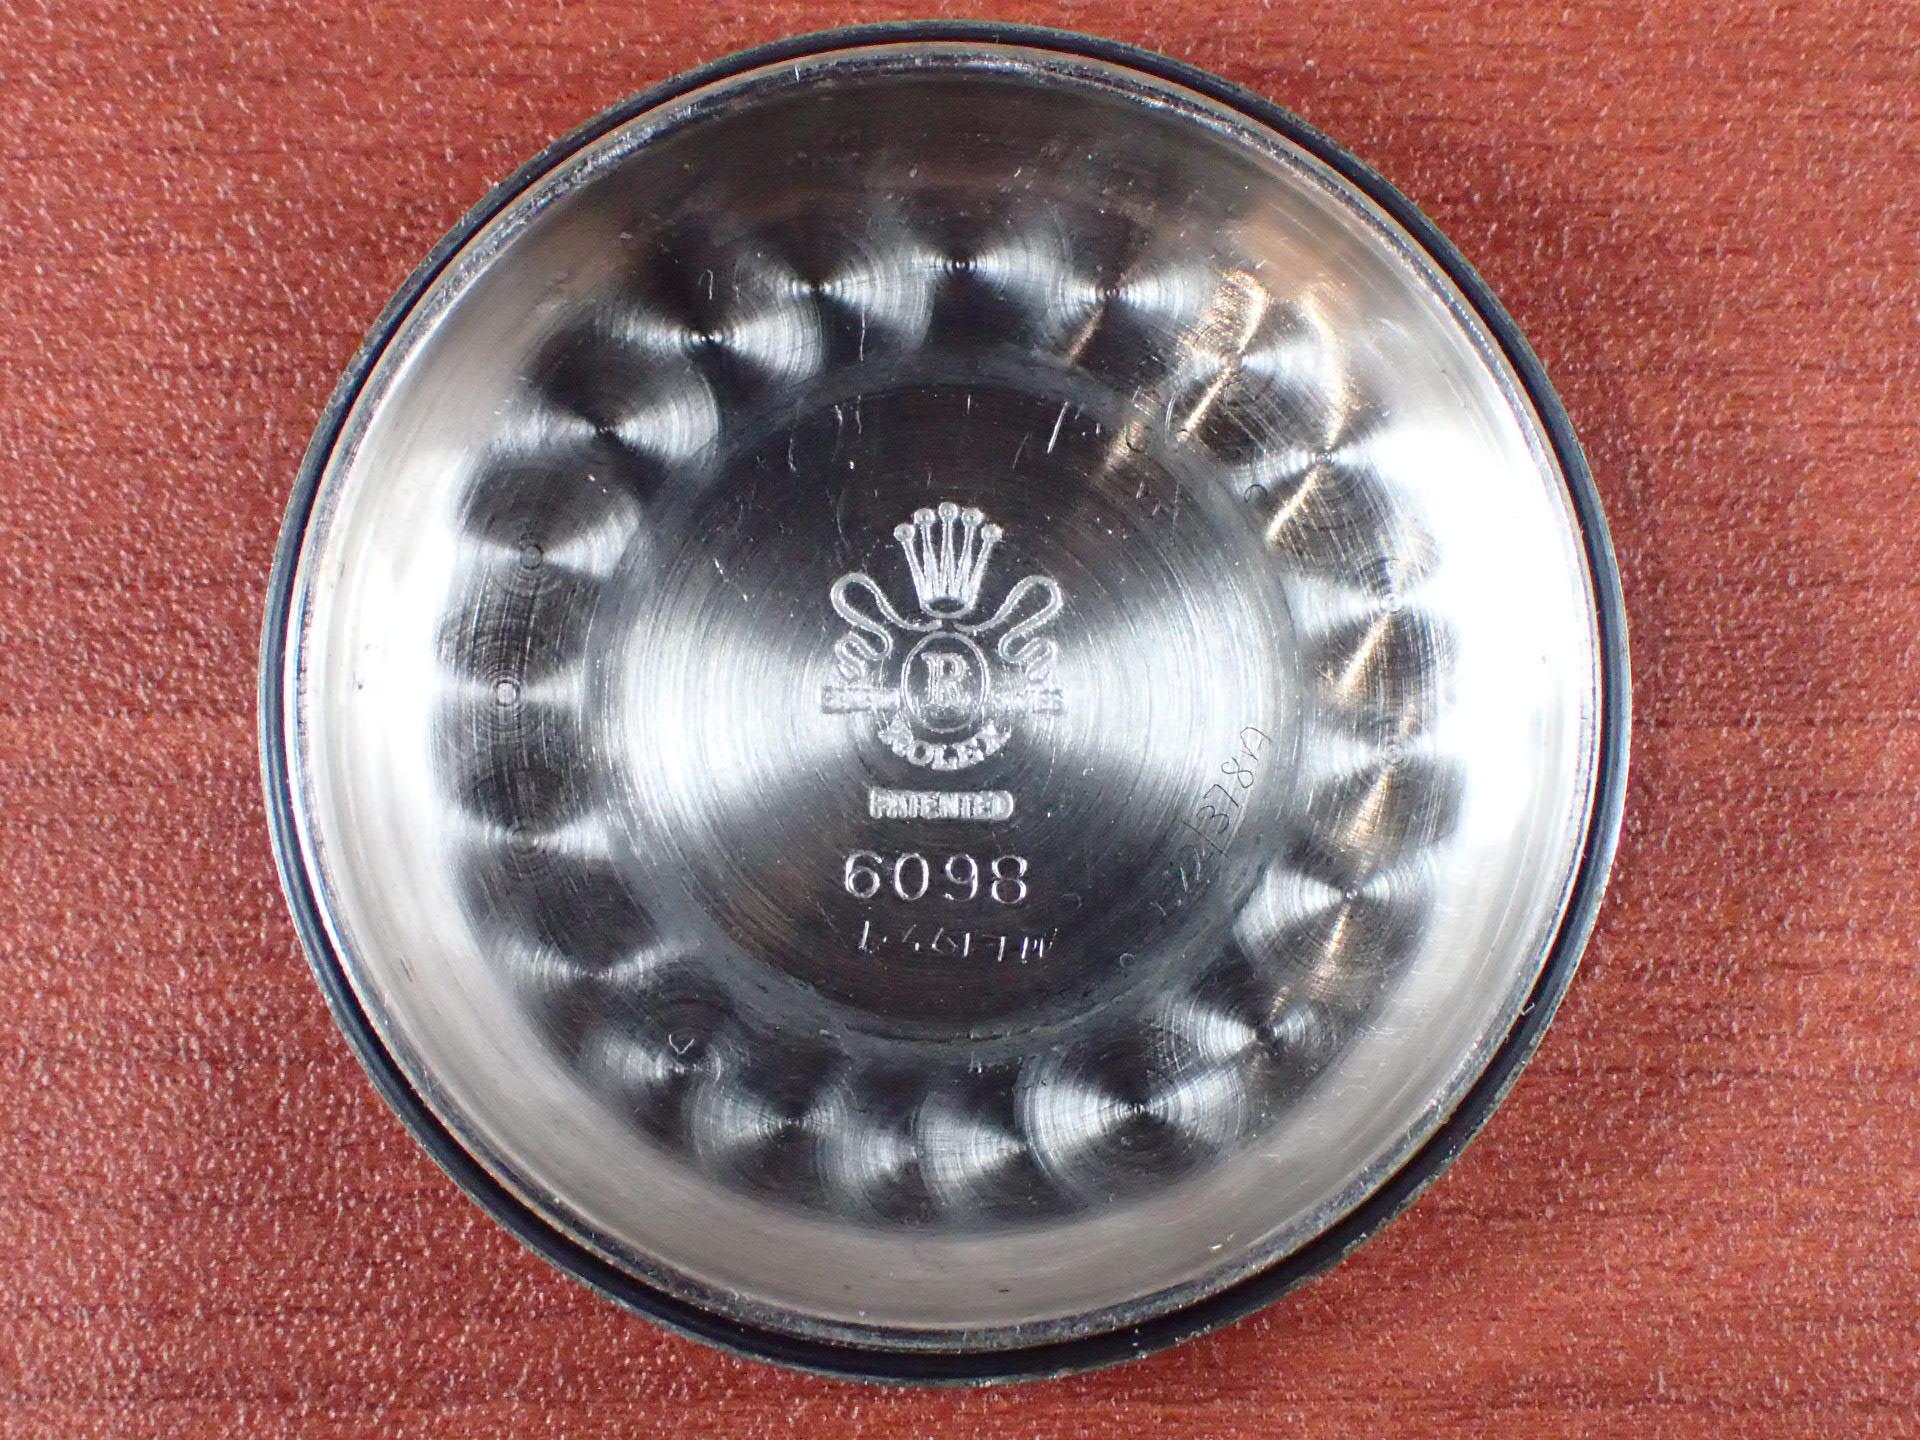 ロレックス ビッグバブルバック Ref.6098 プロペラハンド 1950年代の写真6枚目